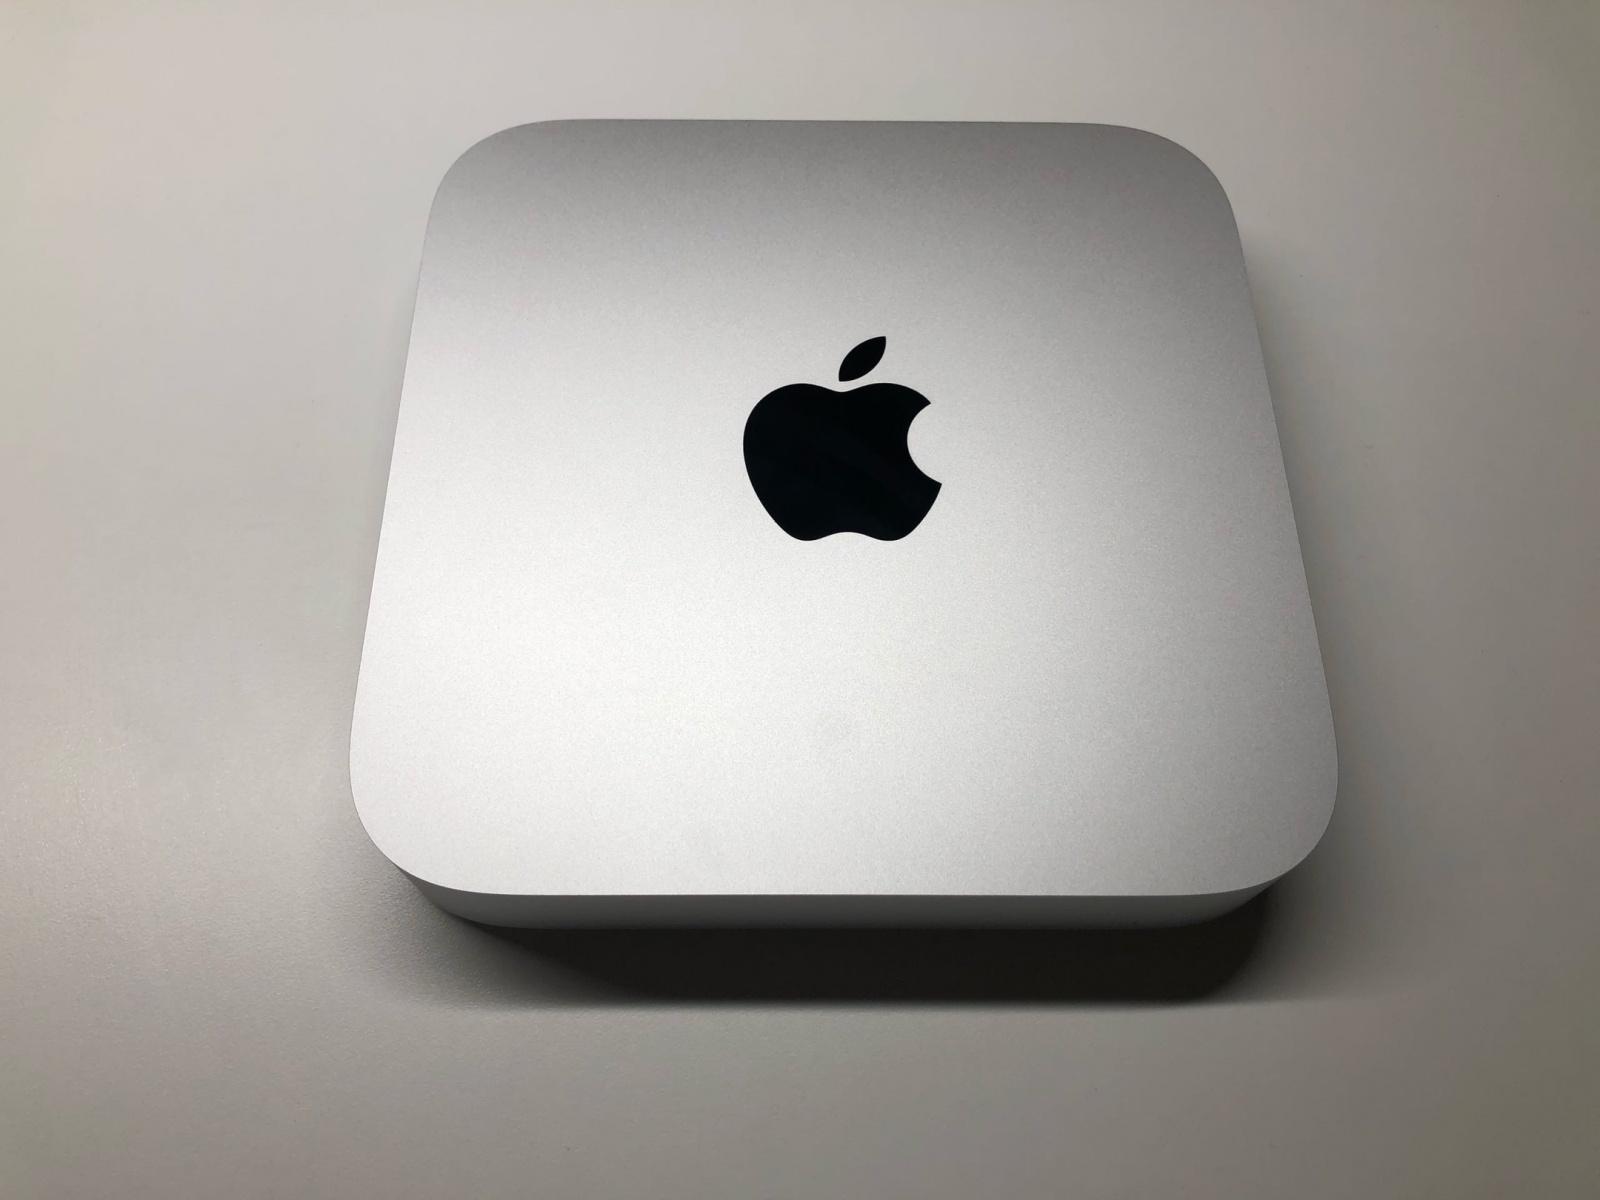 Первый опыт: Mac Mini на M1 - 1